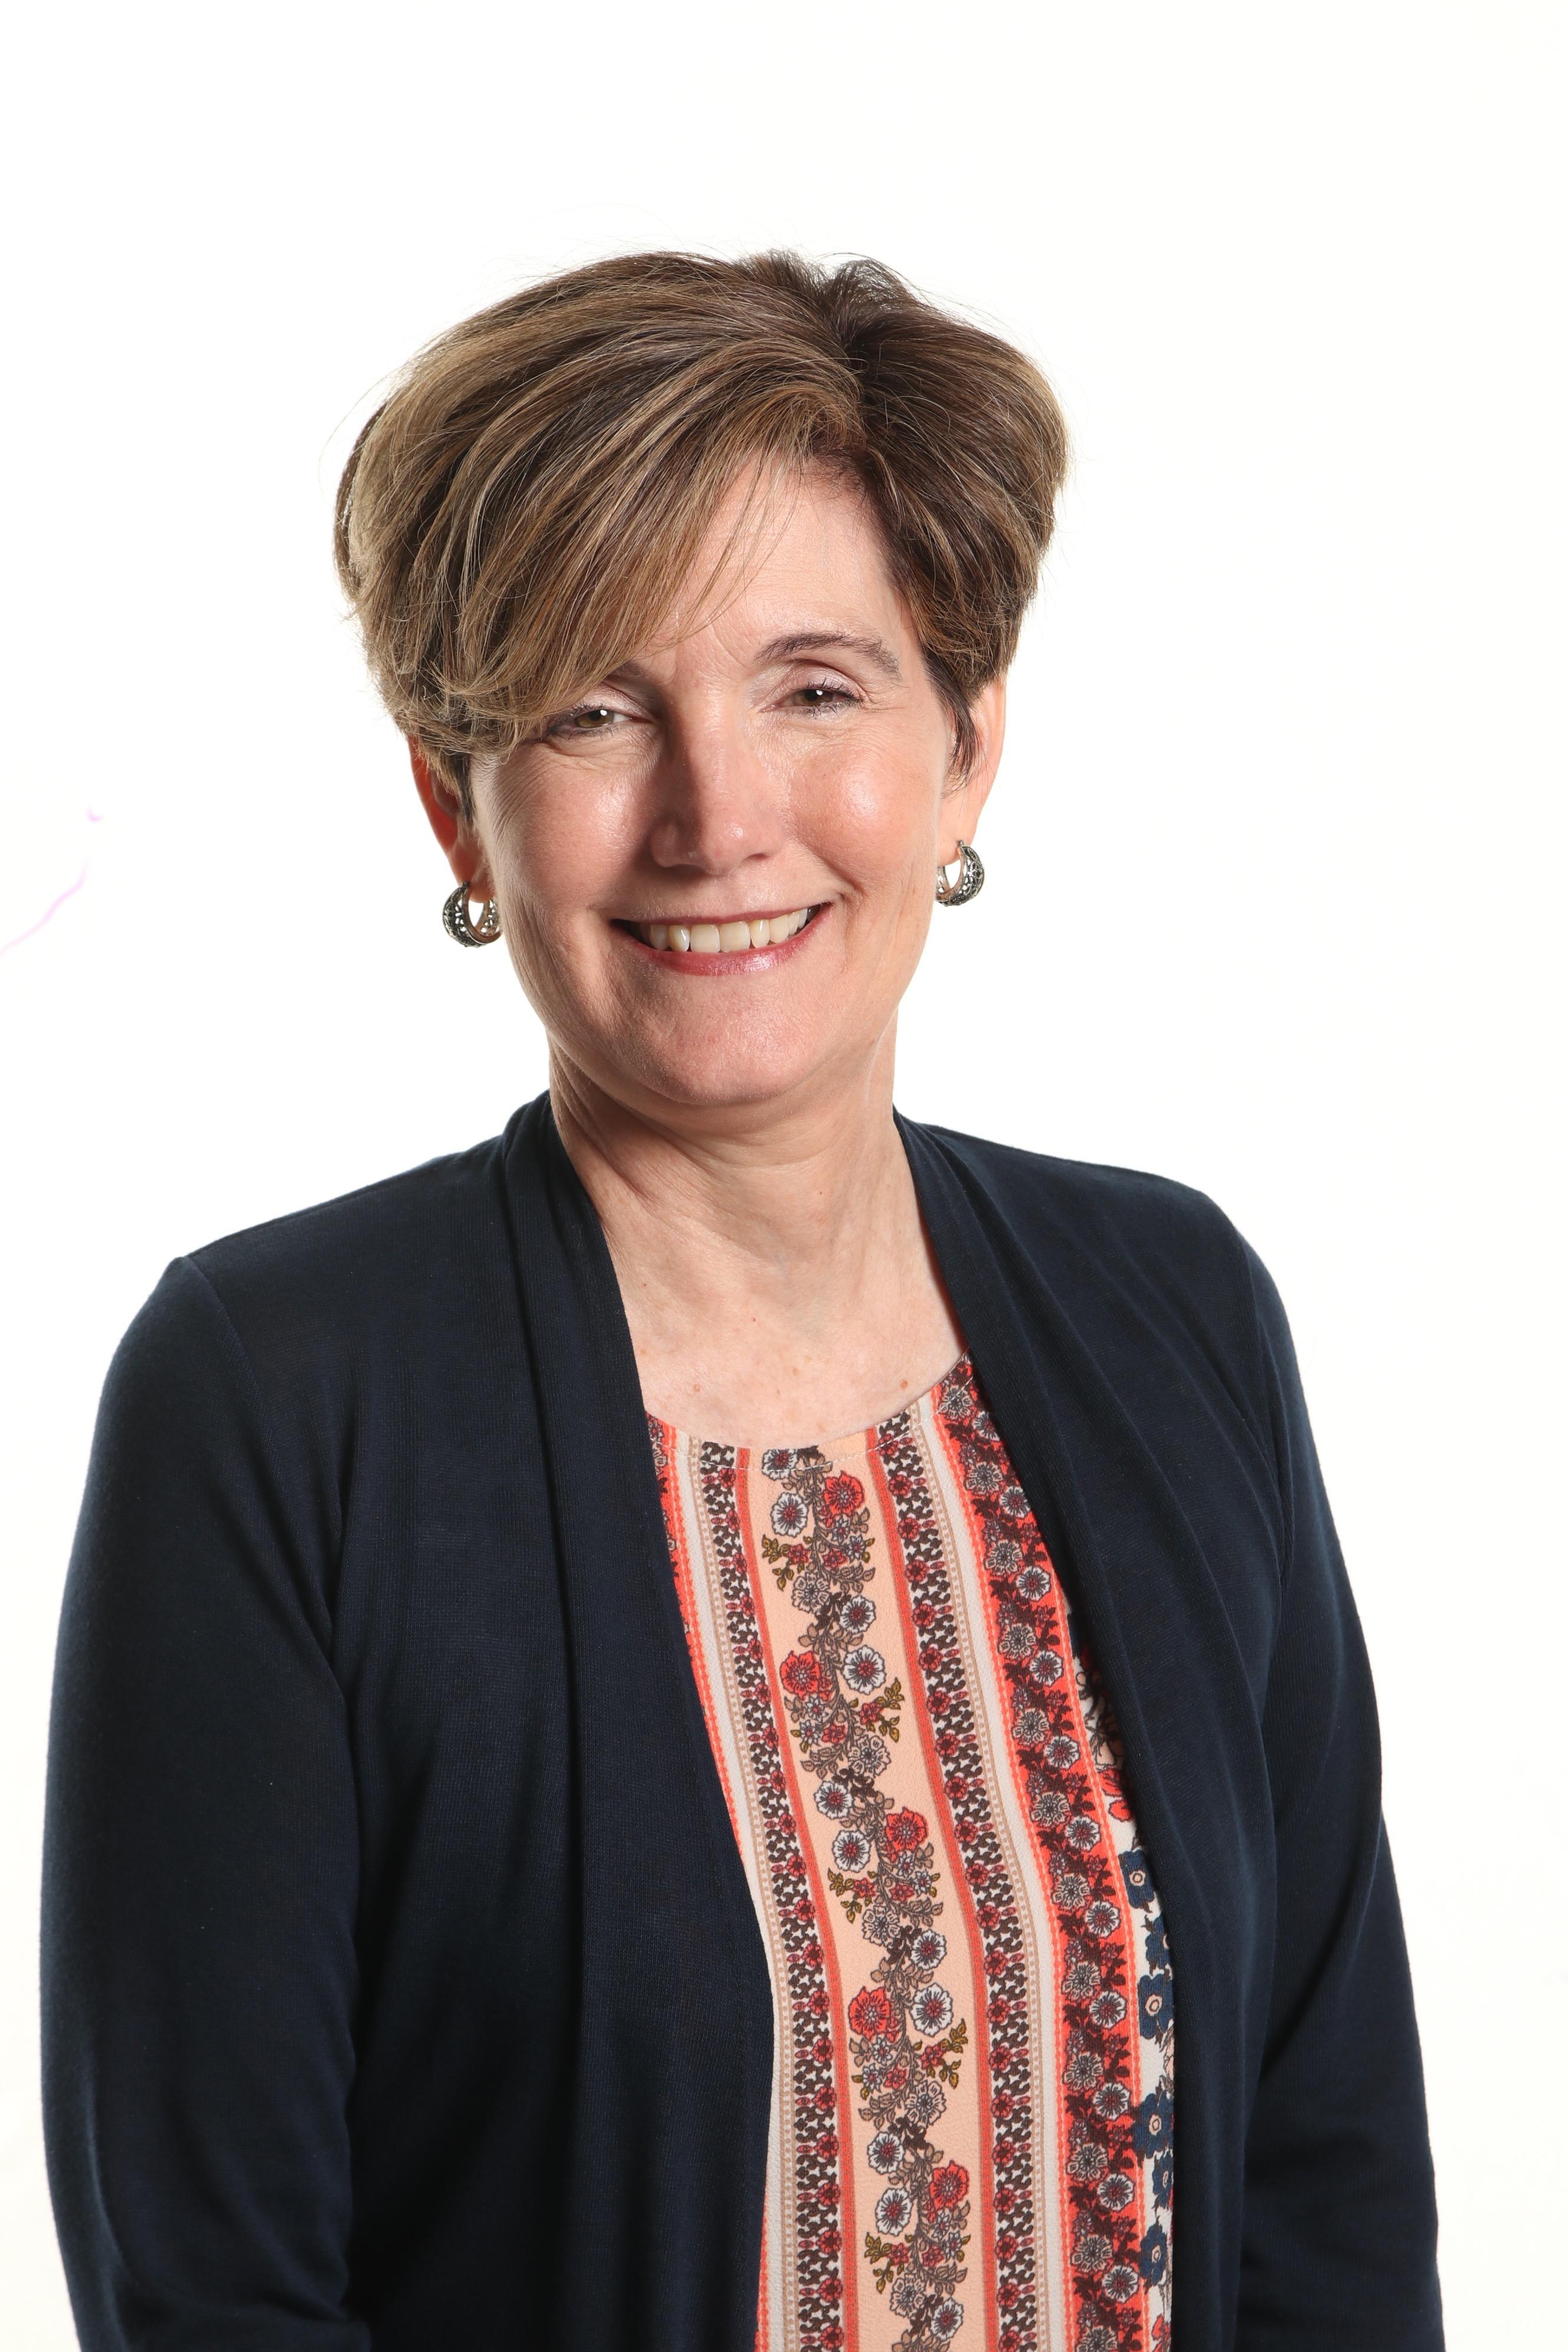 Allison Overstreet